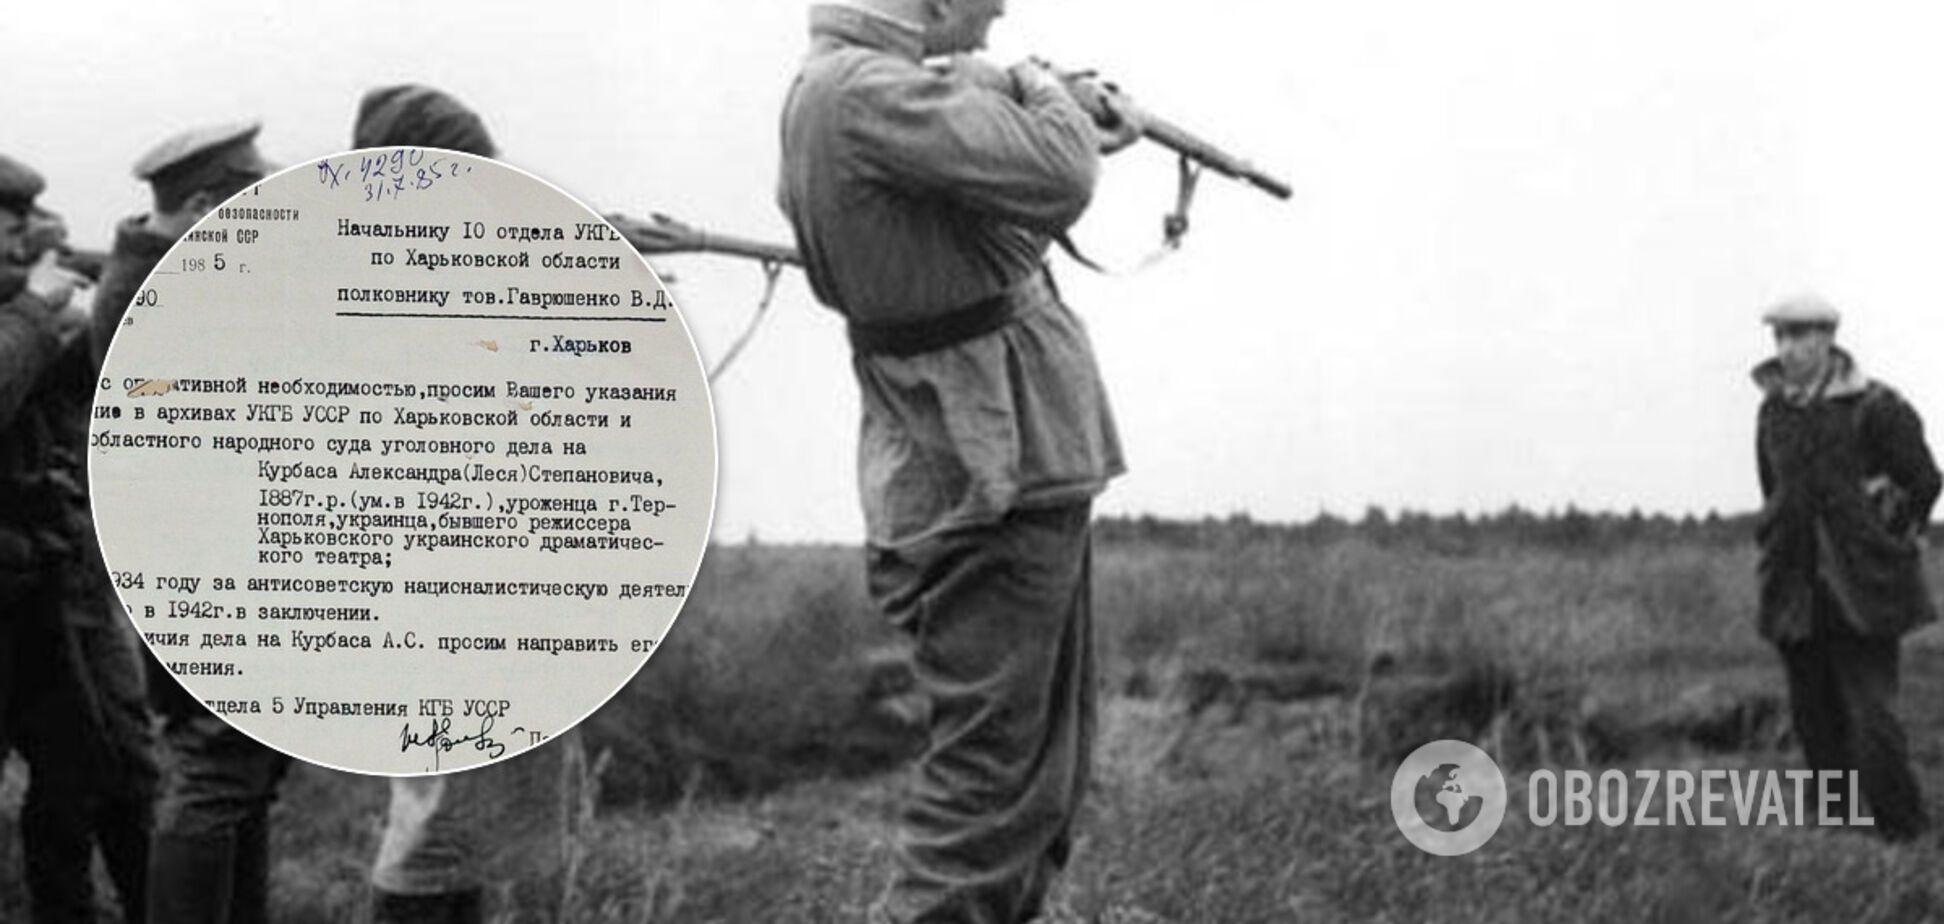 Опубліковано документи КДБ про терор 1937-38 років в Україні